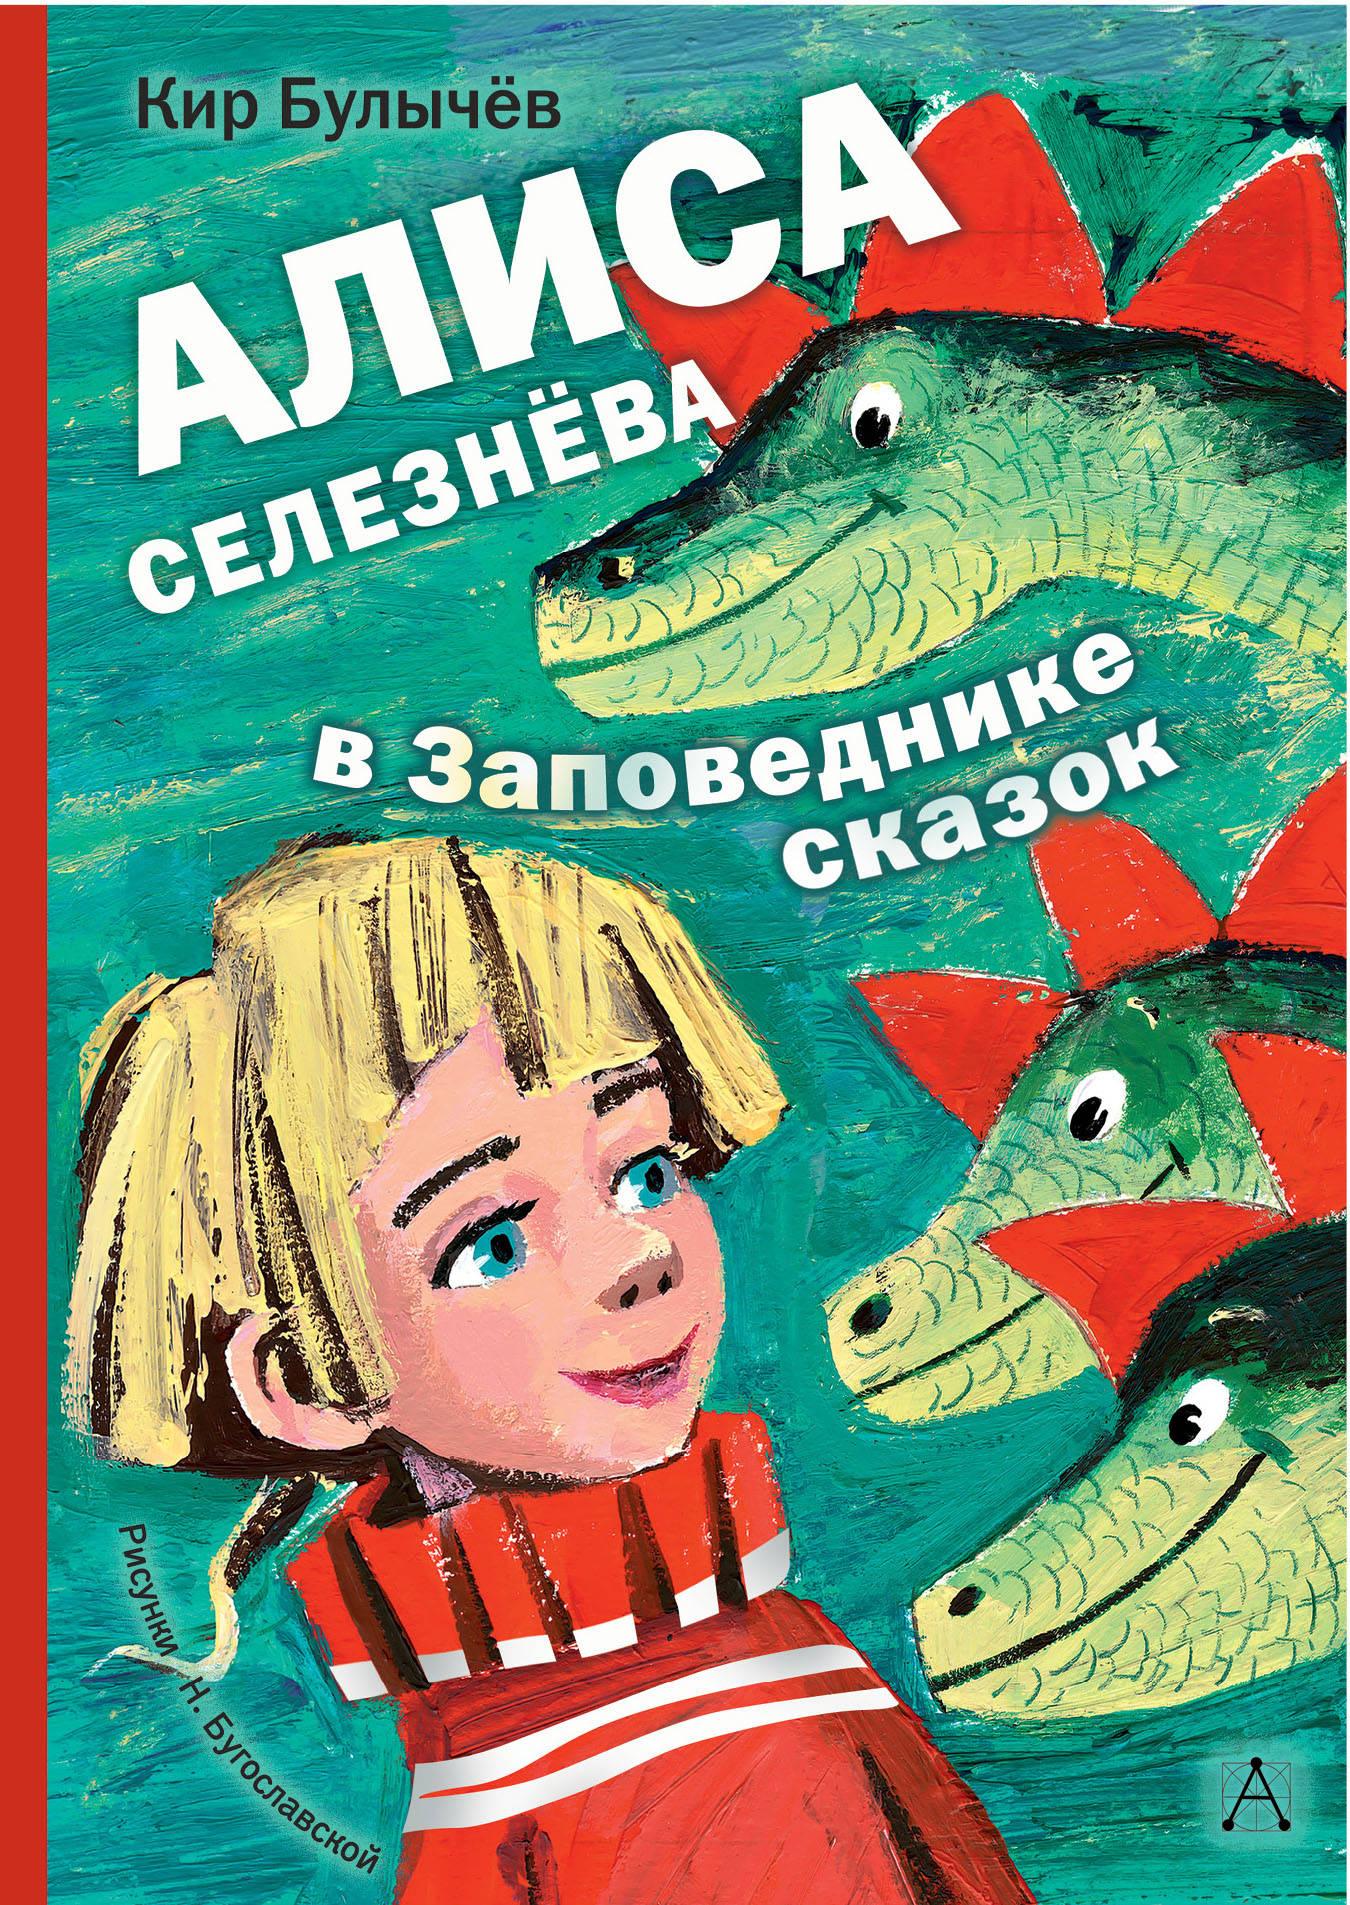 купить Кир Булычев Алиса Селезнёва в Заповеднике сказок по цене 768 рублей